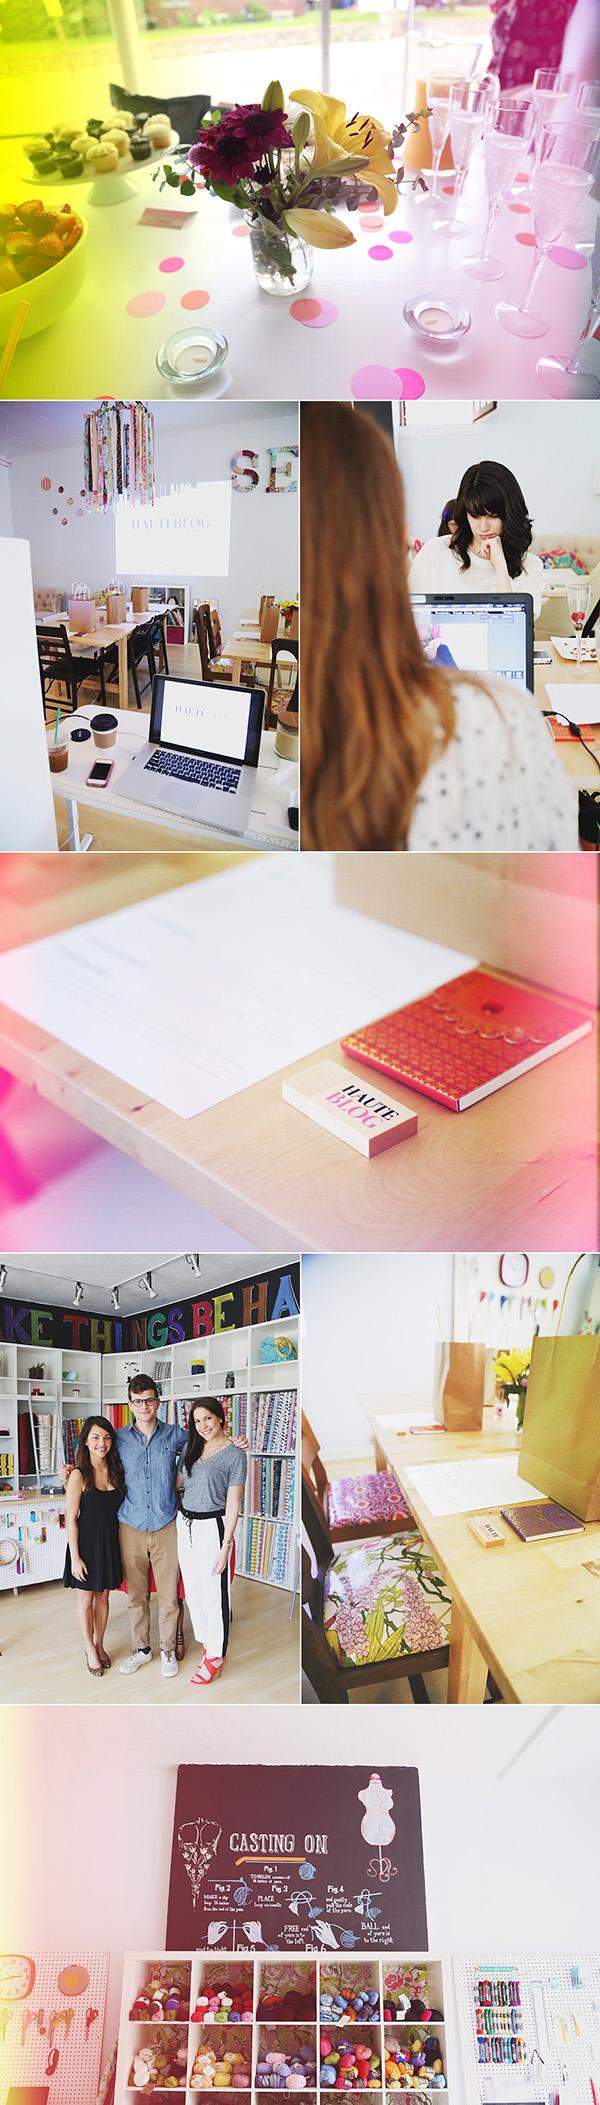 Recap Collage